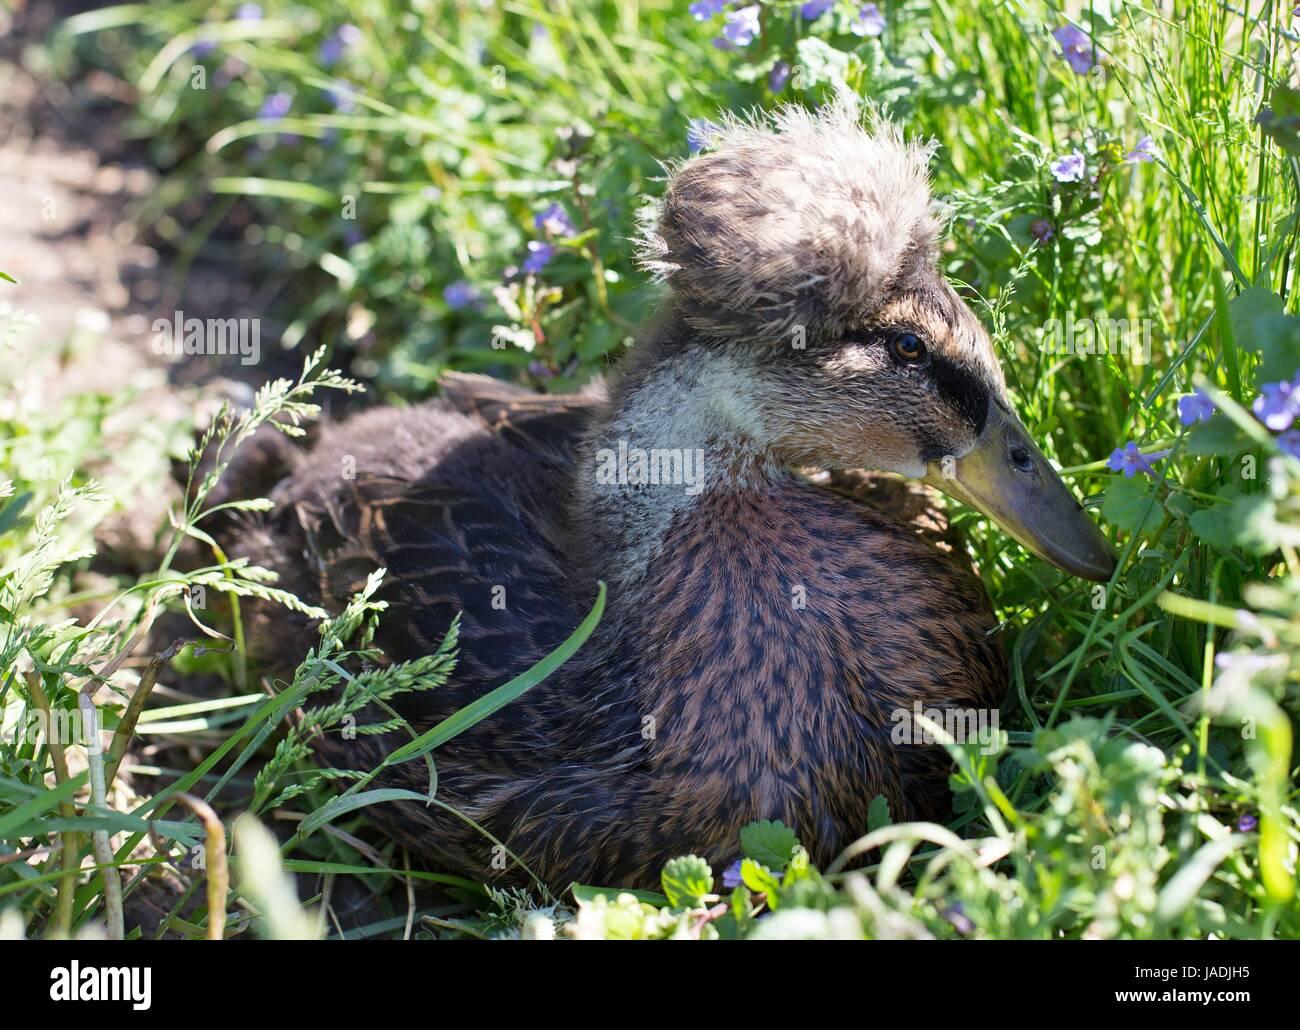 Un pato con una cabeza borrosa descansando en la hierba. Imagen De Stock